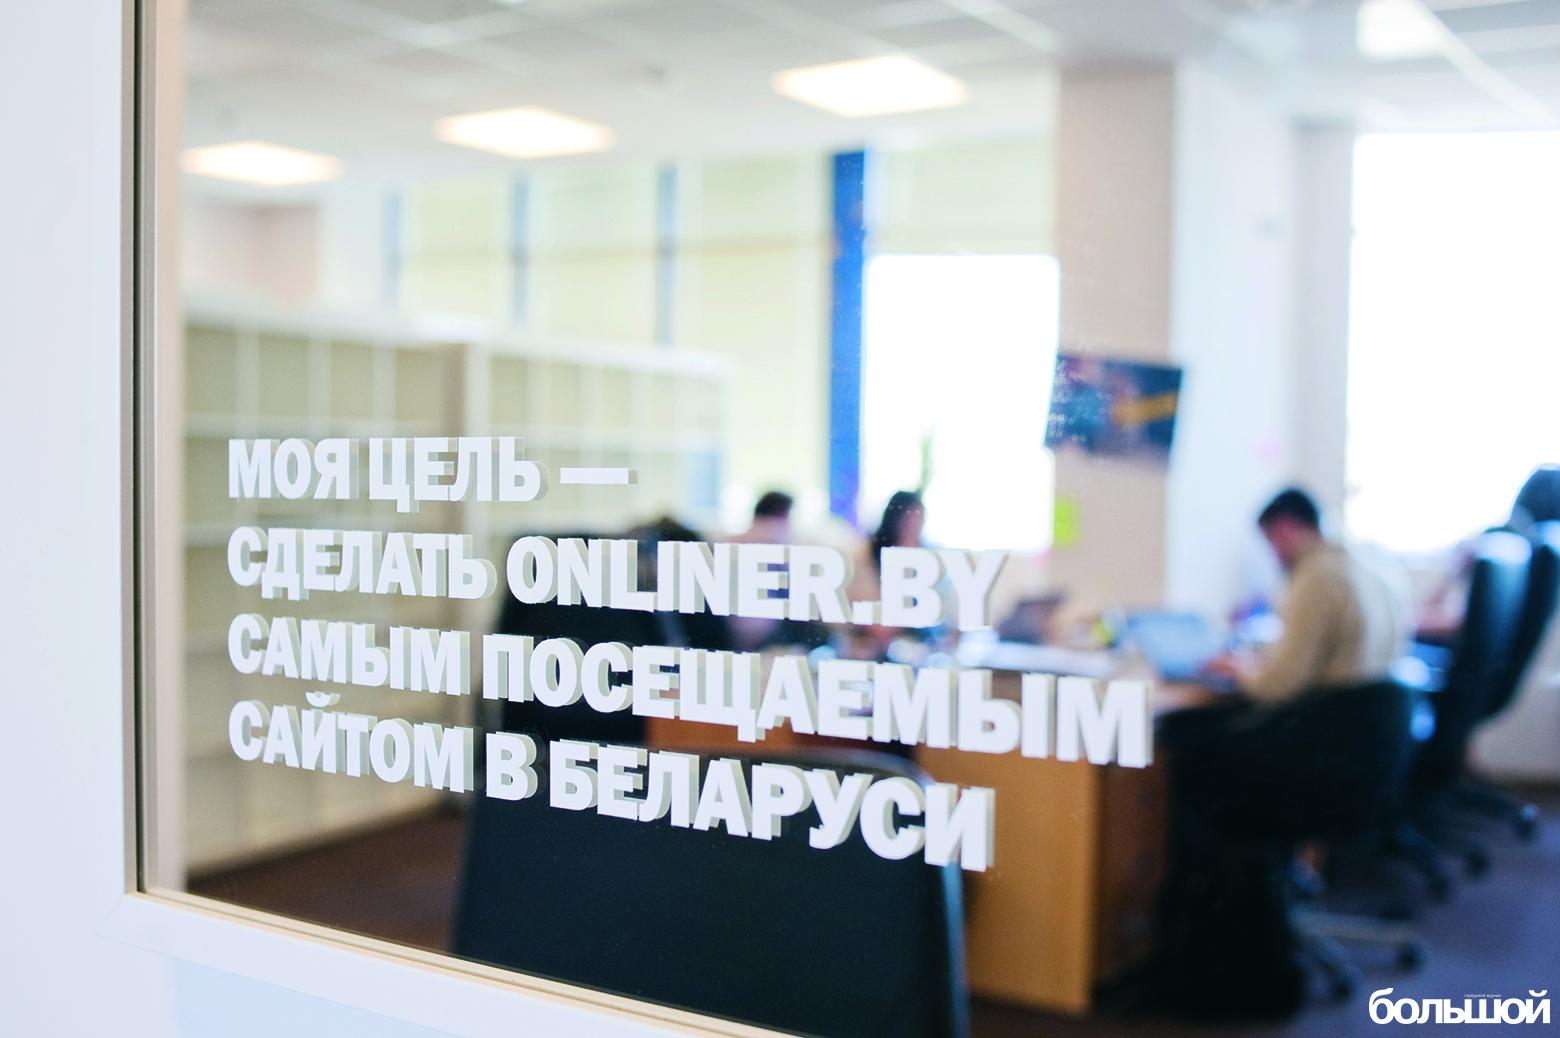 Виталий Шуравко Onliner